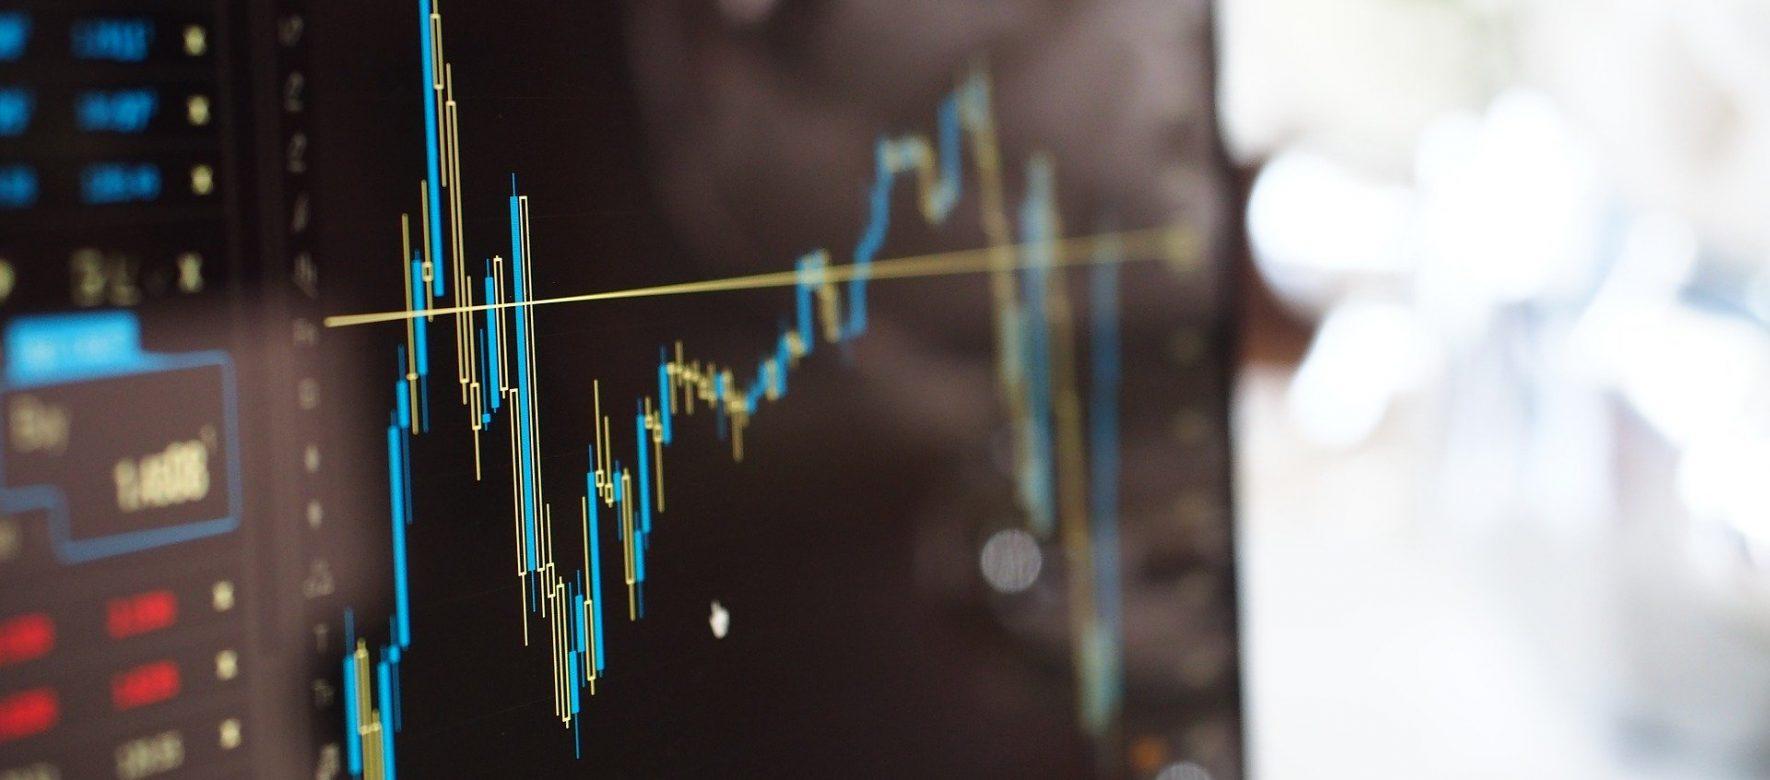 Maroc : La Bourse de Casablanca est en hausse de 15% depuis son plus bas niveau en mars 2020